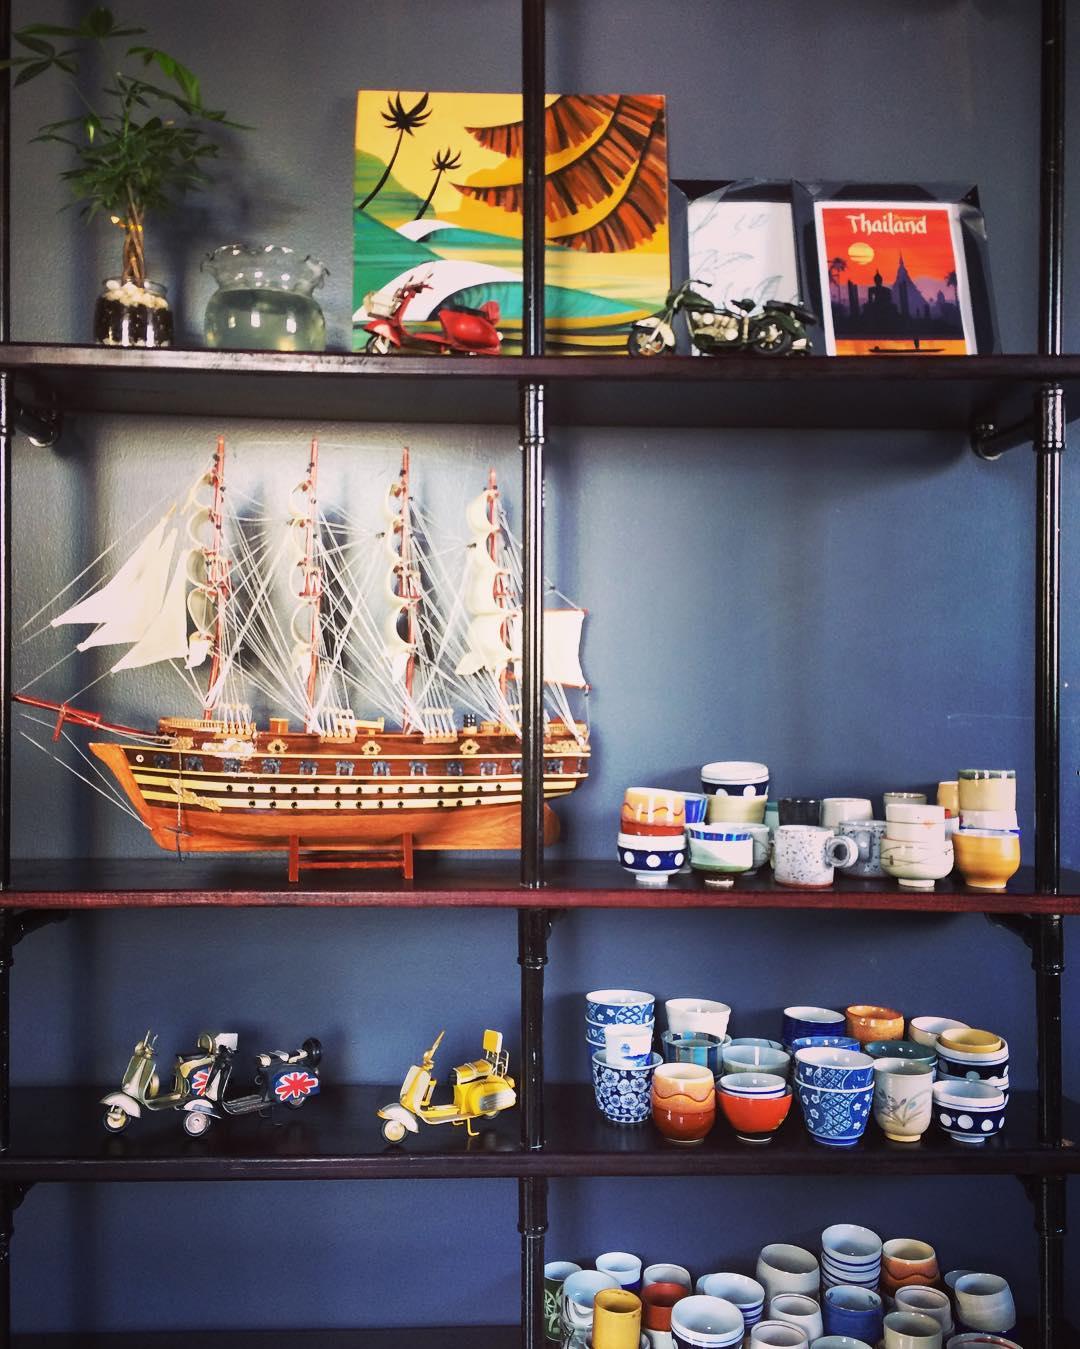 Ghi ngay vào danh sách những homestay phải đi ở Đà Nẵng trong năm tới - Ảnh 6.